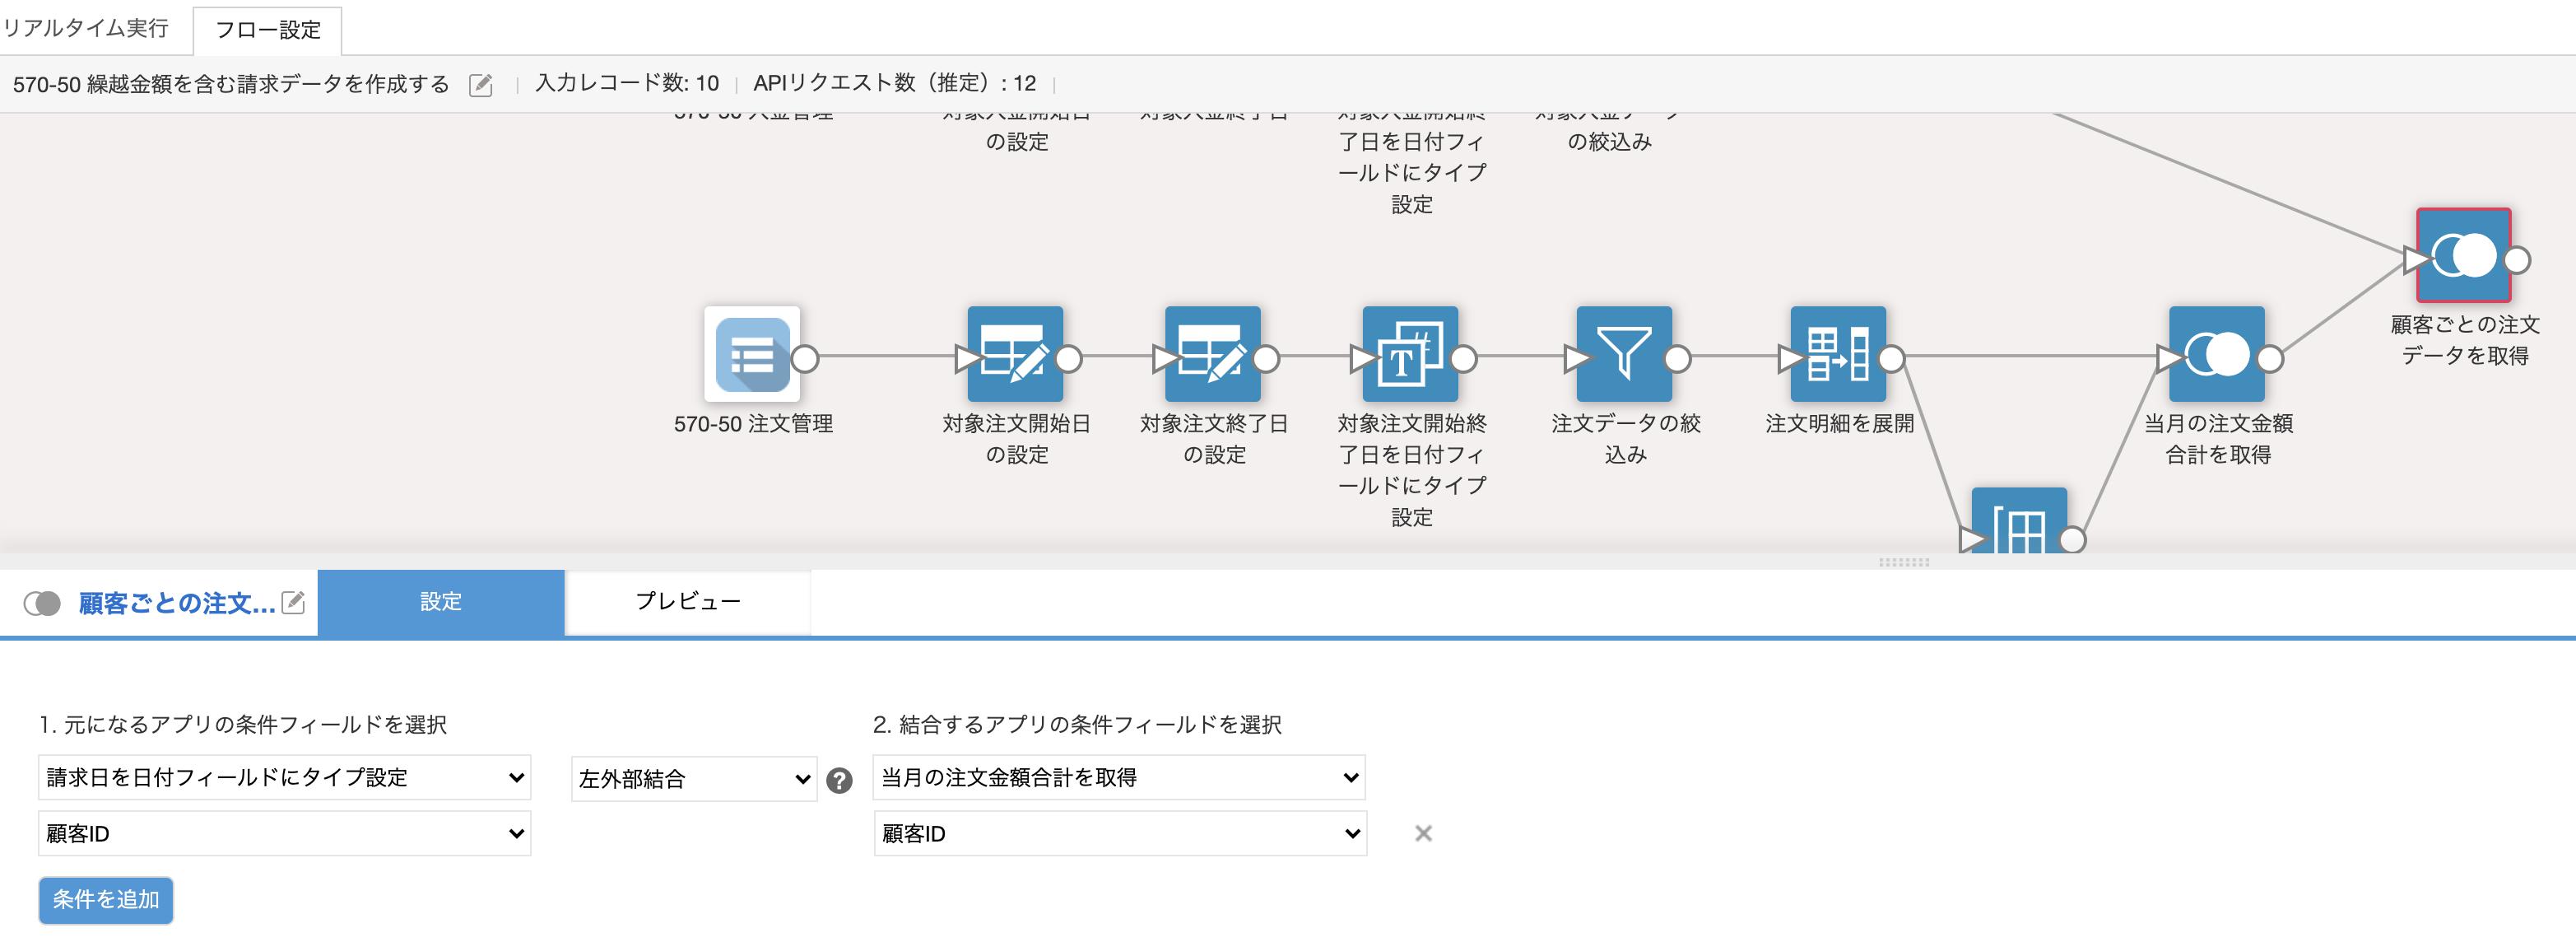 顧客マスタと注文データを結合